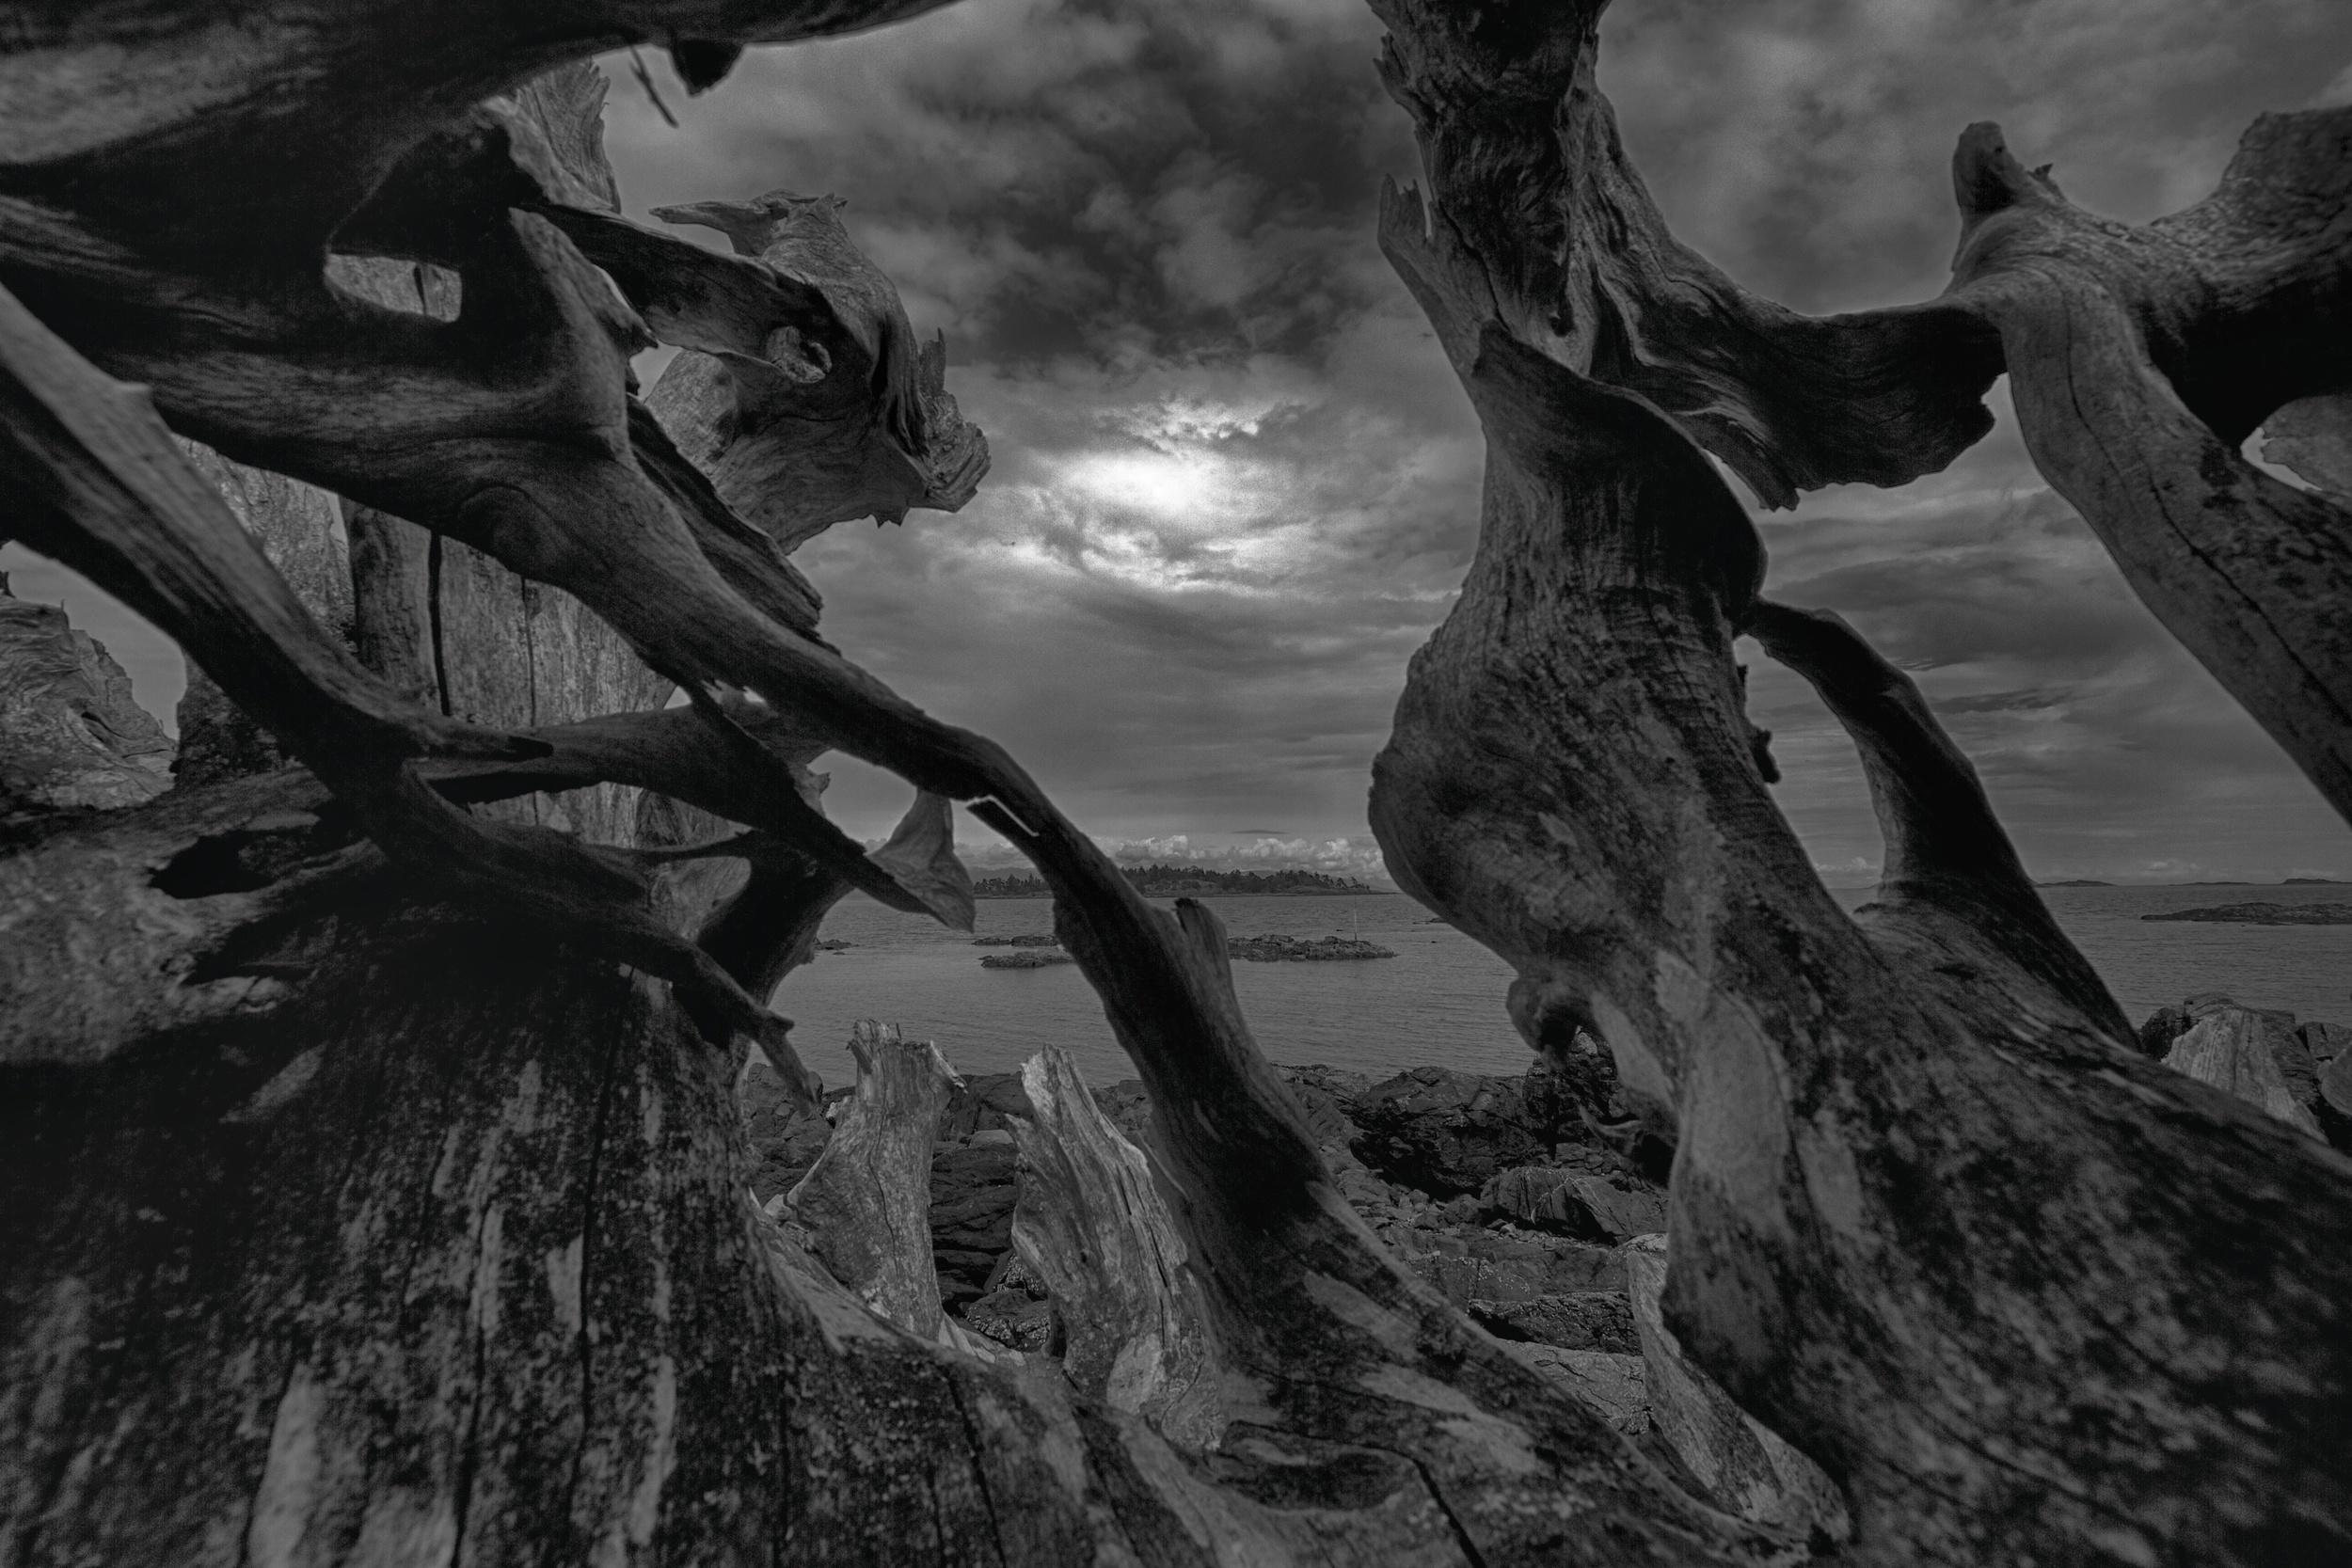 2014-06-20 at 14-49-56_HDR Nature, Driftwood, Black & White, Dragon, Sunset, Ocean, Moody, Dark, Sky.jpg